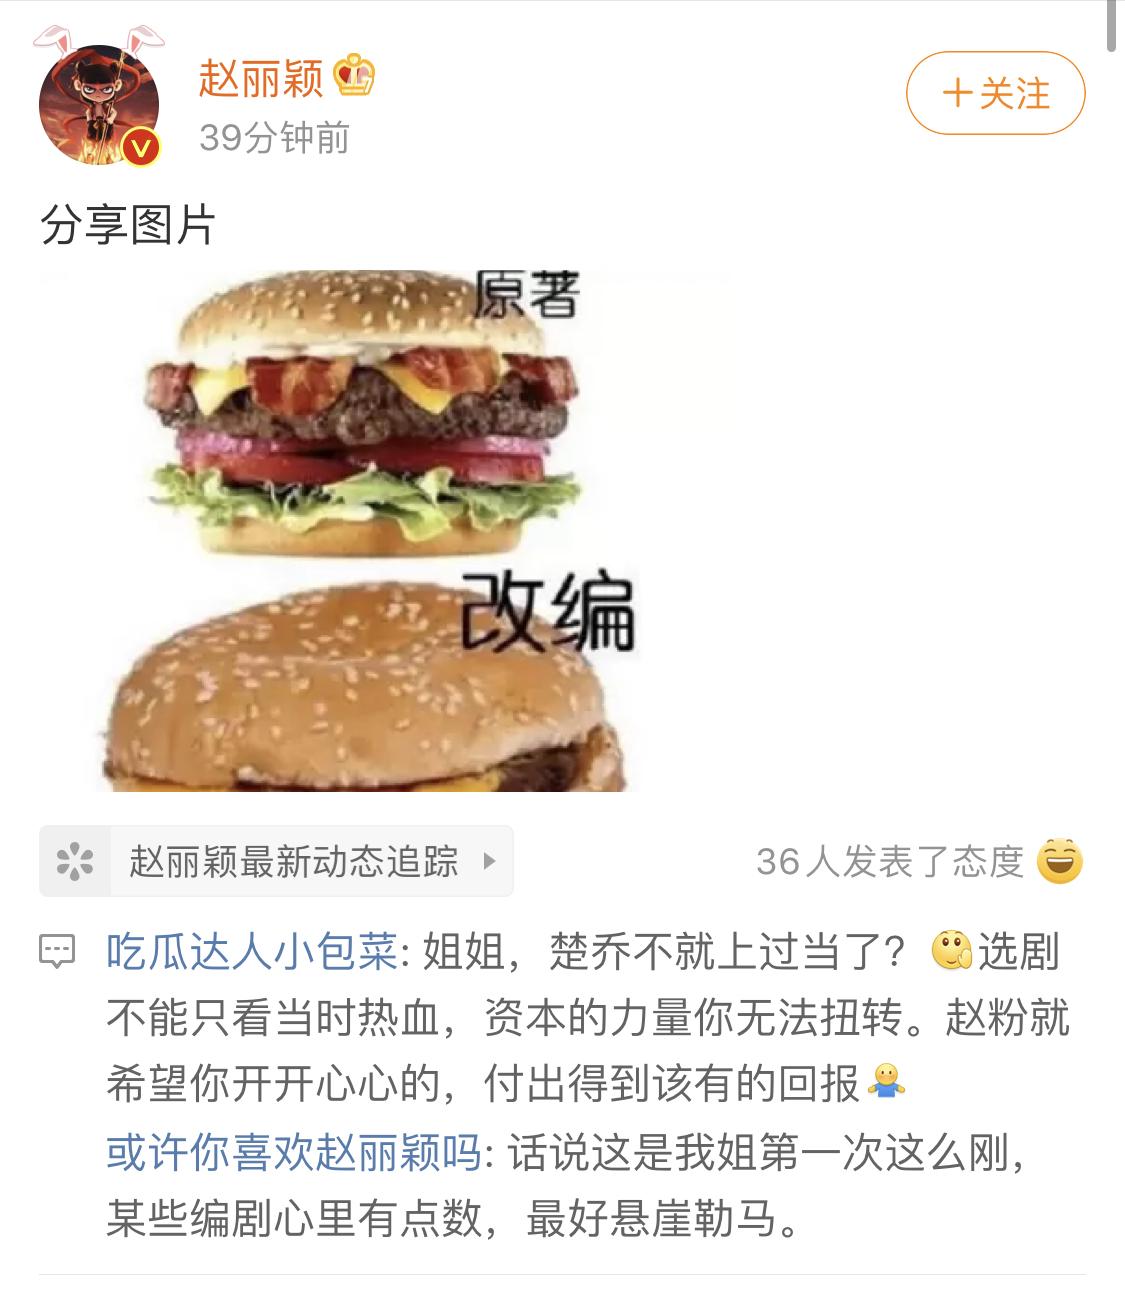 赵丽颖发的微博意味深长,粉丝早就极力反对却无果_作品